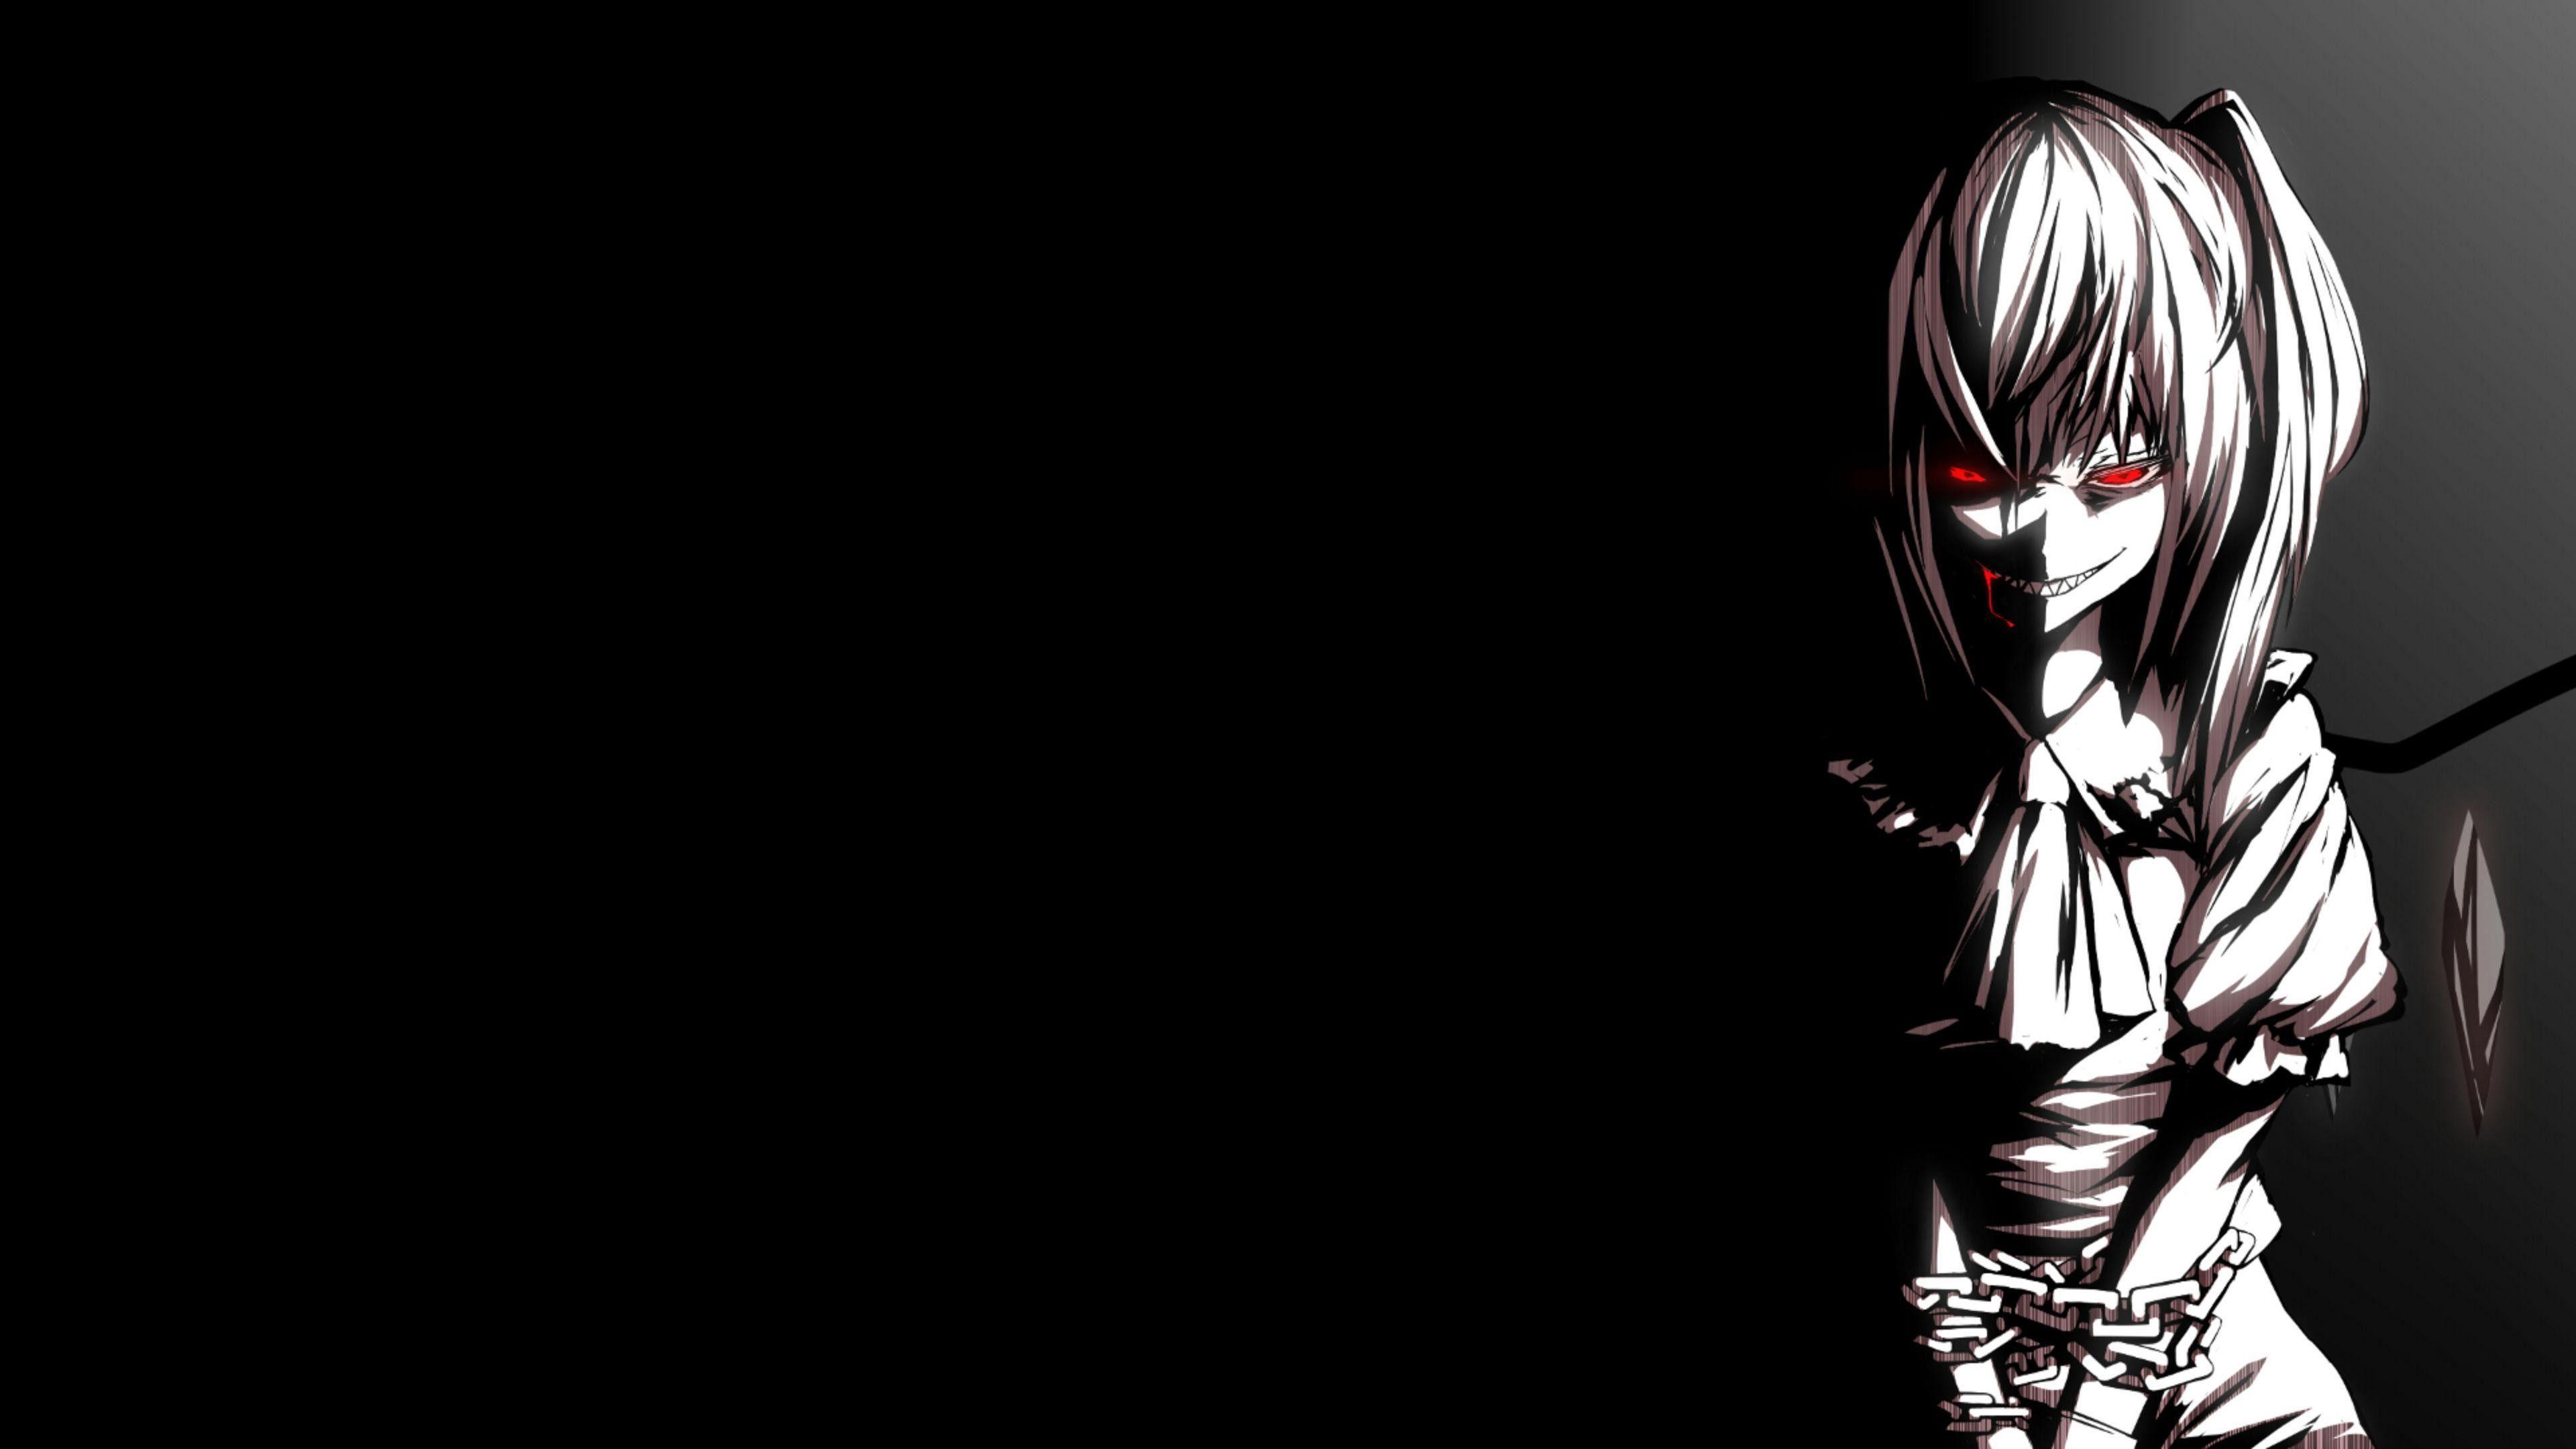 4k Wallpaper Dark Anime